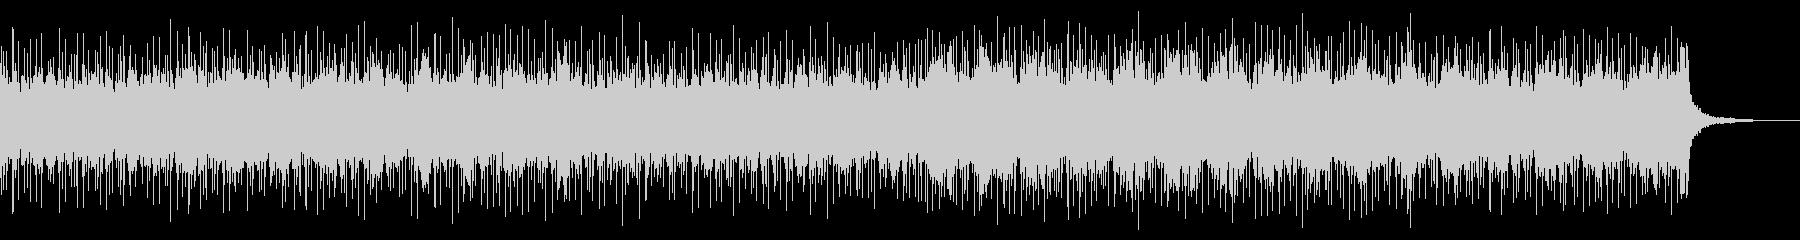 重厚で美しいバンドロックBGMの未再生の波形